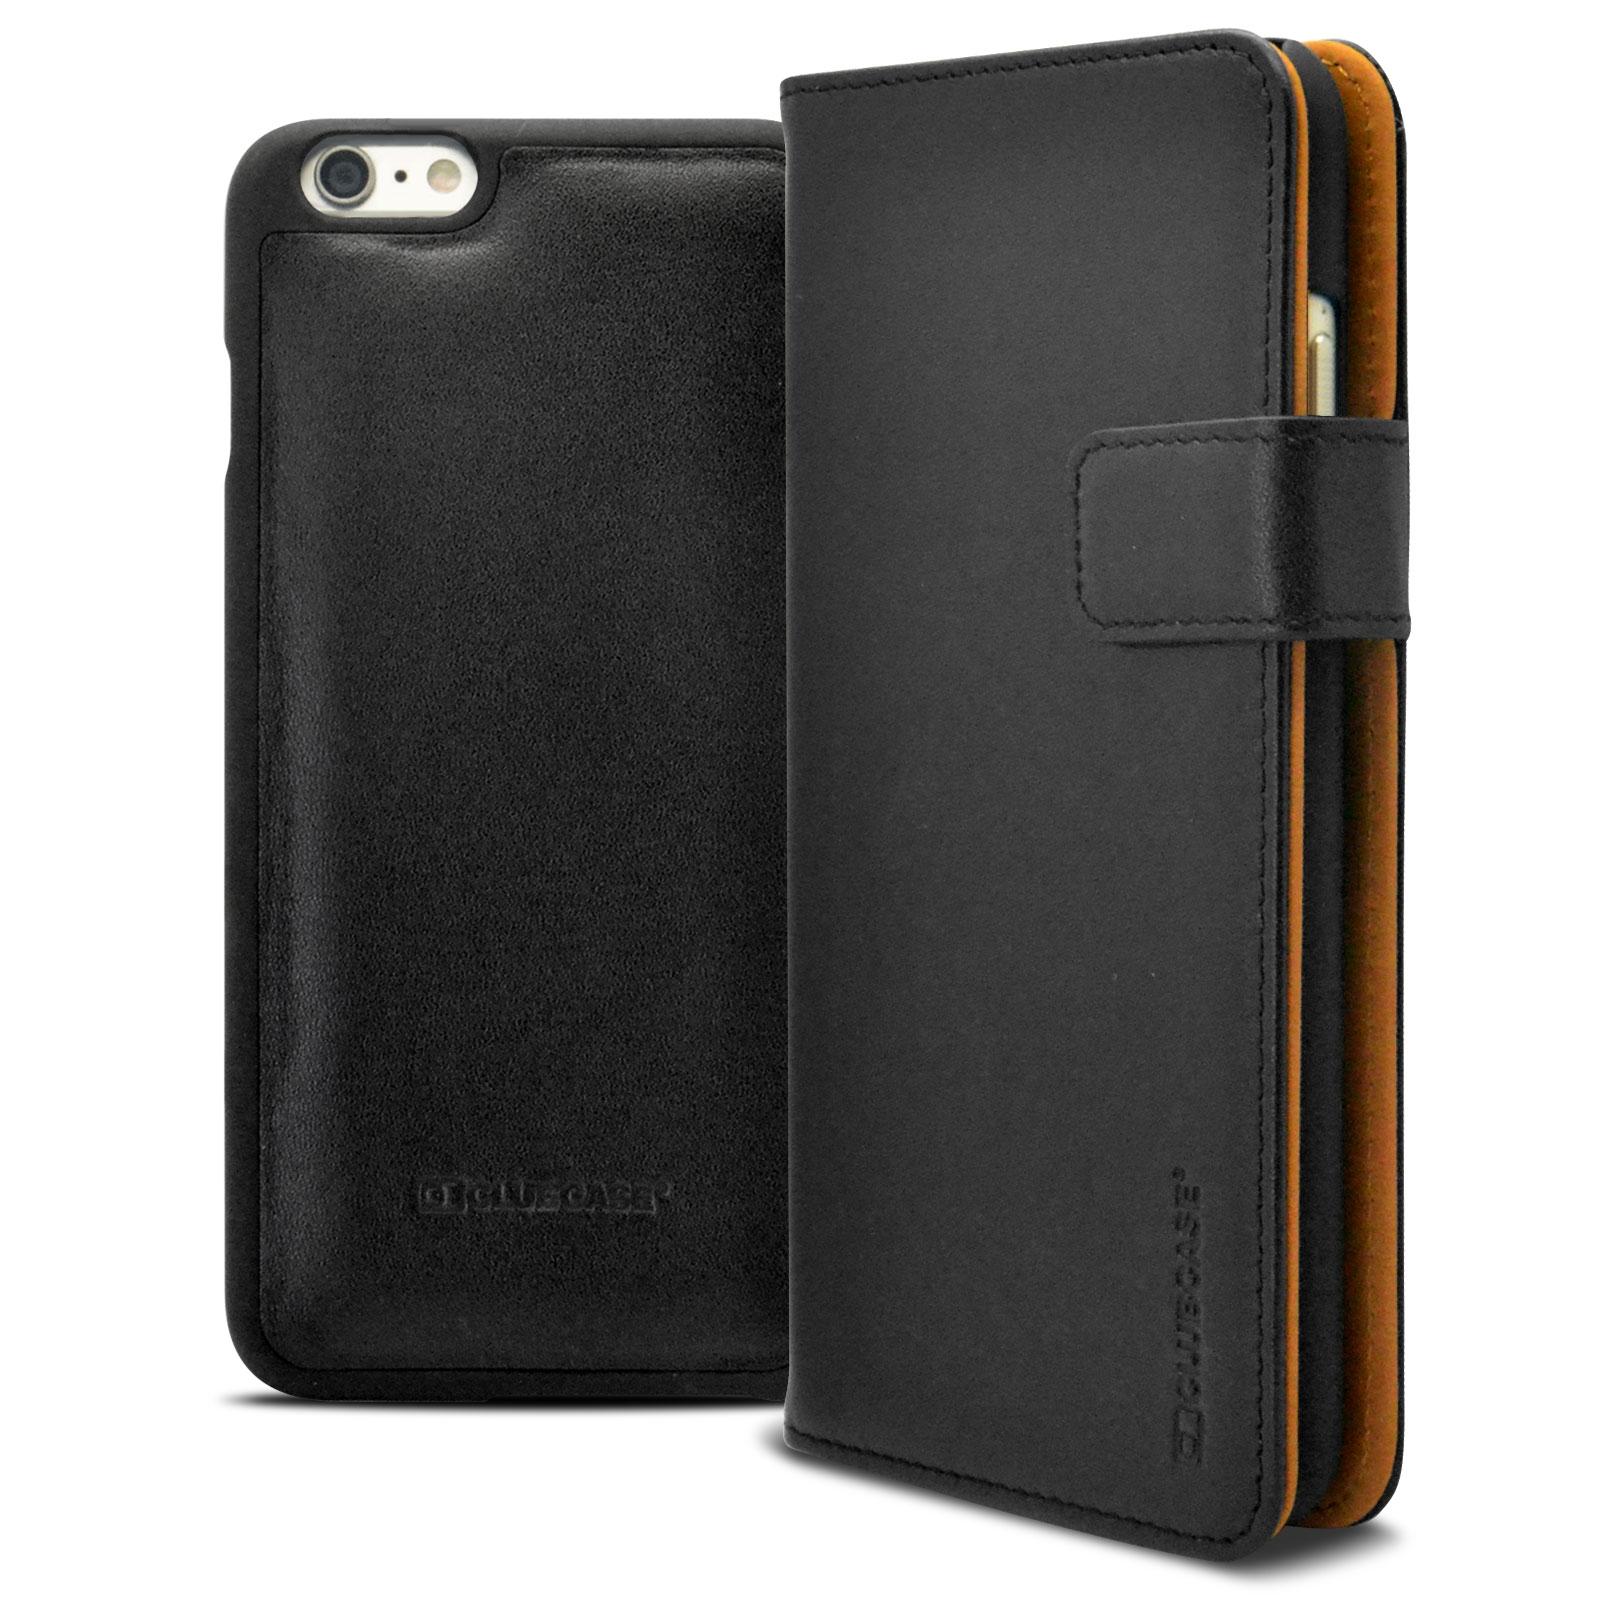 Housse portefeuille folio cuir v ritable pour iphone 6 for Housse portefeuille iphone 6